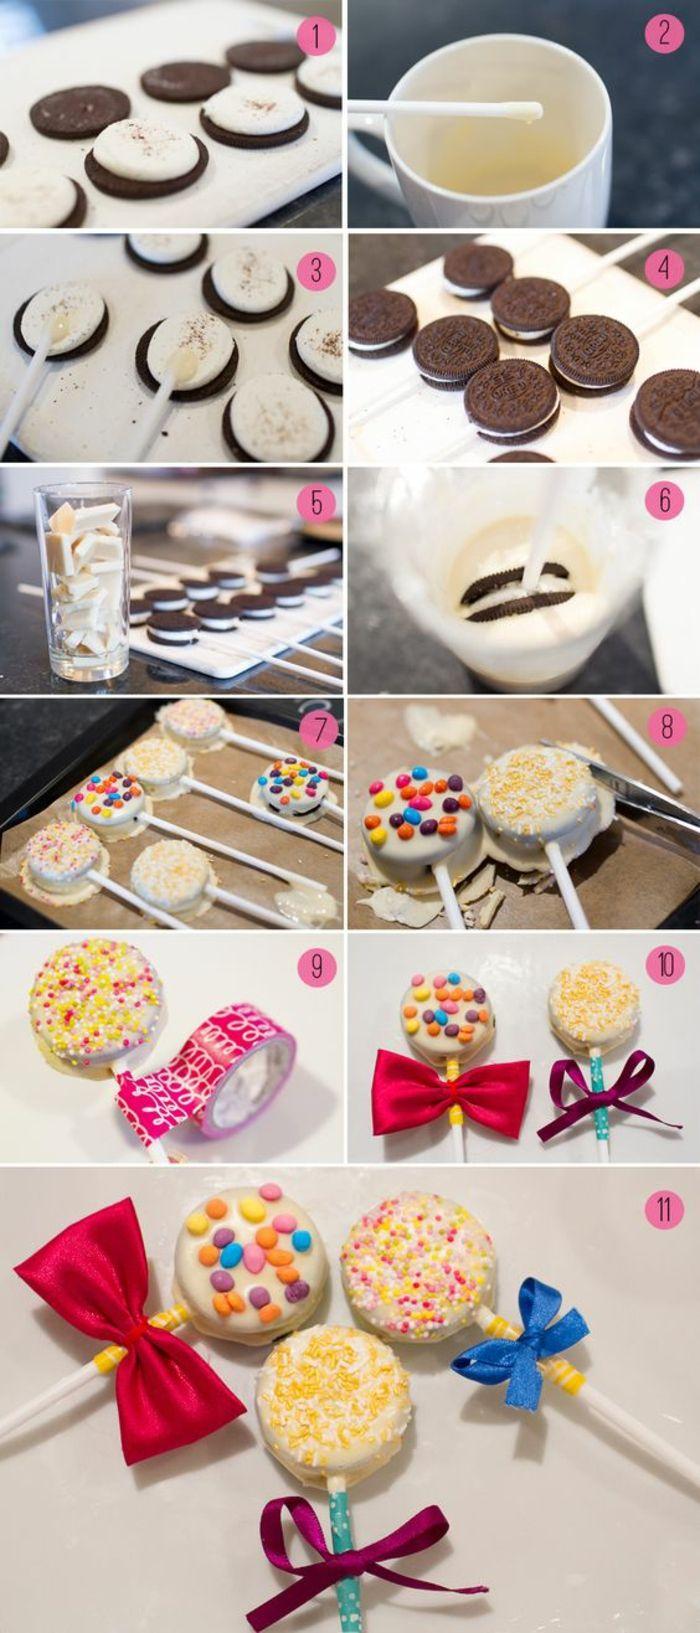 1001 ideen und beispiele f r cake pops rezepte essen und trinken pinterest kekse oreo. Black Bedroom Furniture Sets. Home Design Ideas